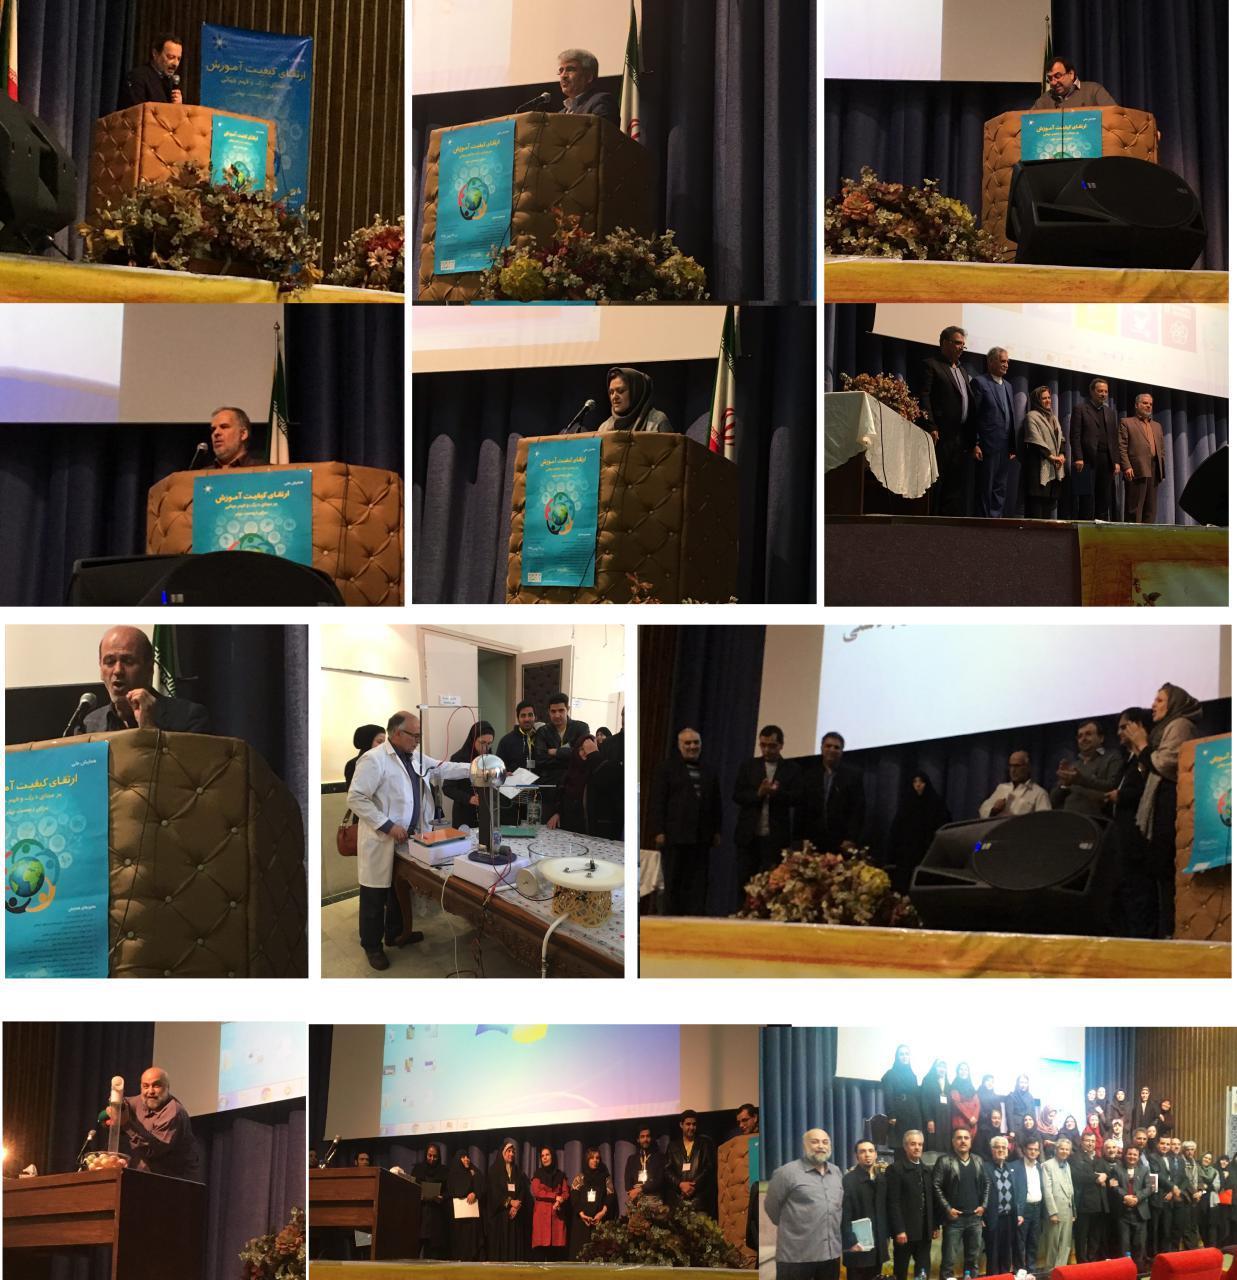 برگزاری دومين همايش ملي انجمن شهر تهران ( 28بهمن ؛ تالار فرهنگ تهران)